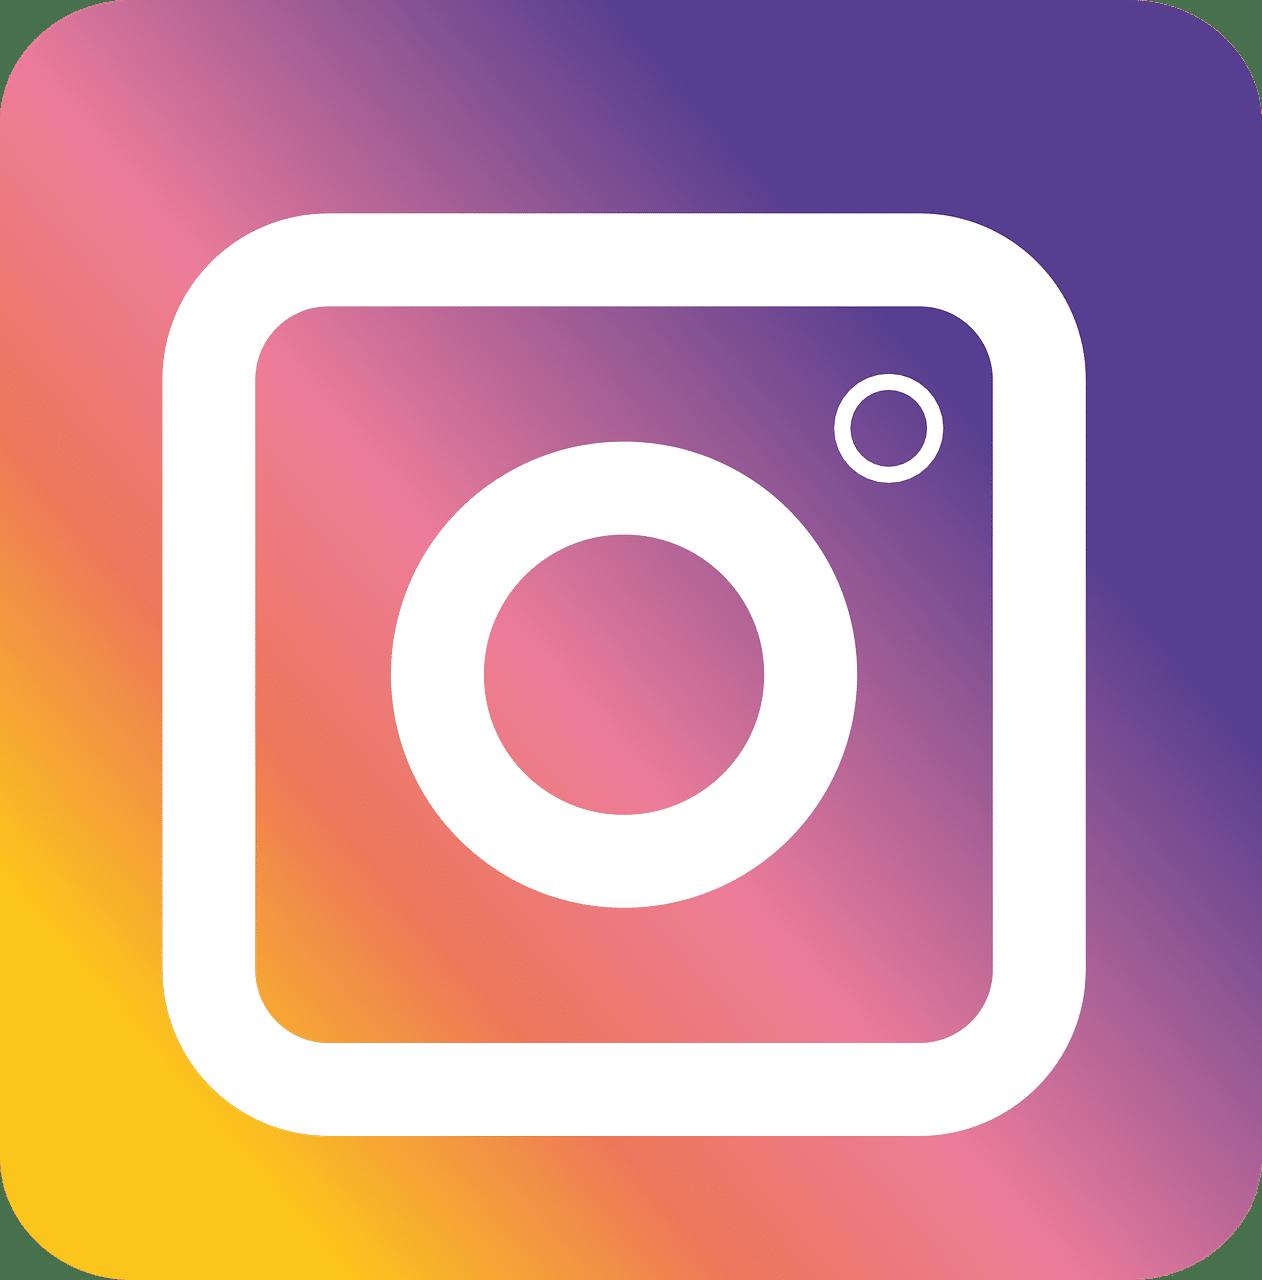 Comment fonctionne l'algorithme Instagram en 2021